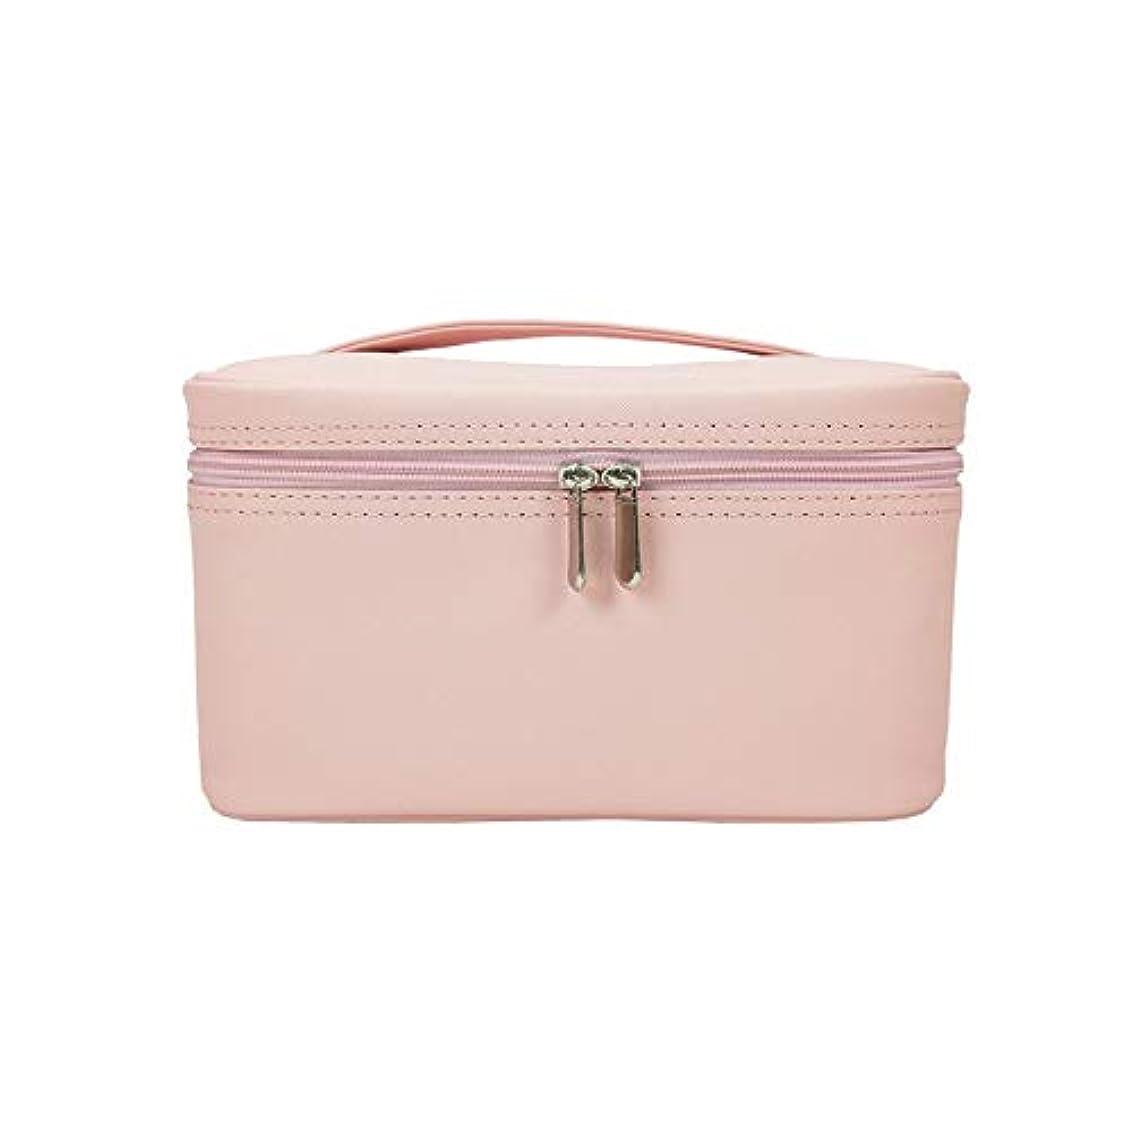 特派員過言設置化粧オーガナイザーバッグ メイクアップトラベルバッグPUレター防水化粧ケースのティーン女の子の女性のアーティスト 化粧品ケース (色 : ピンク)